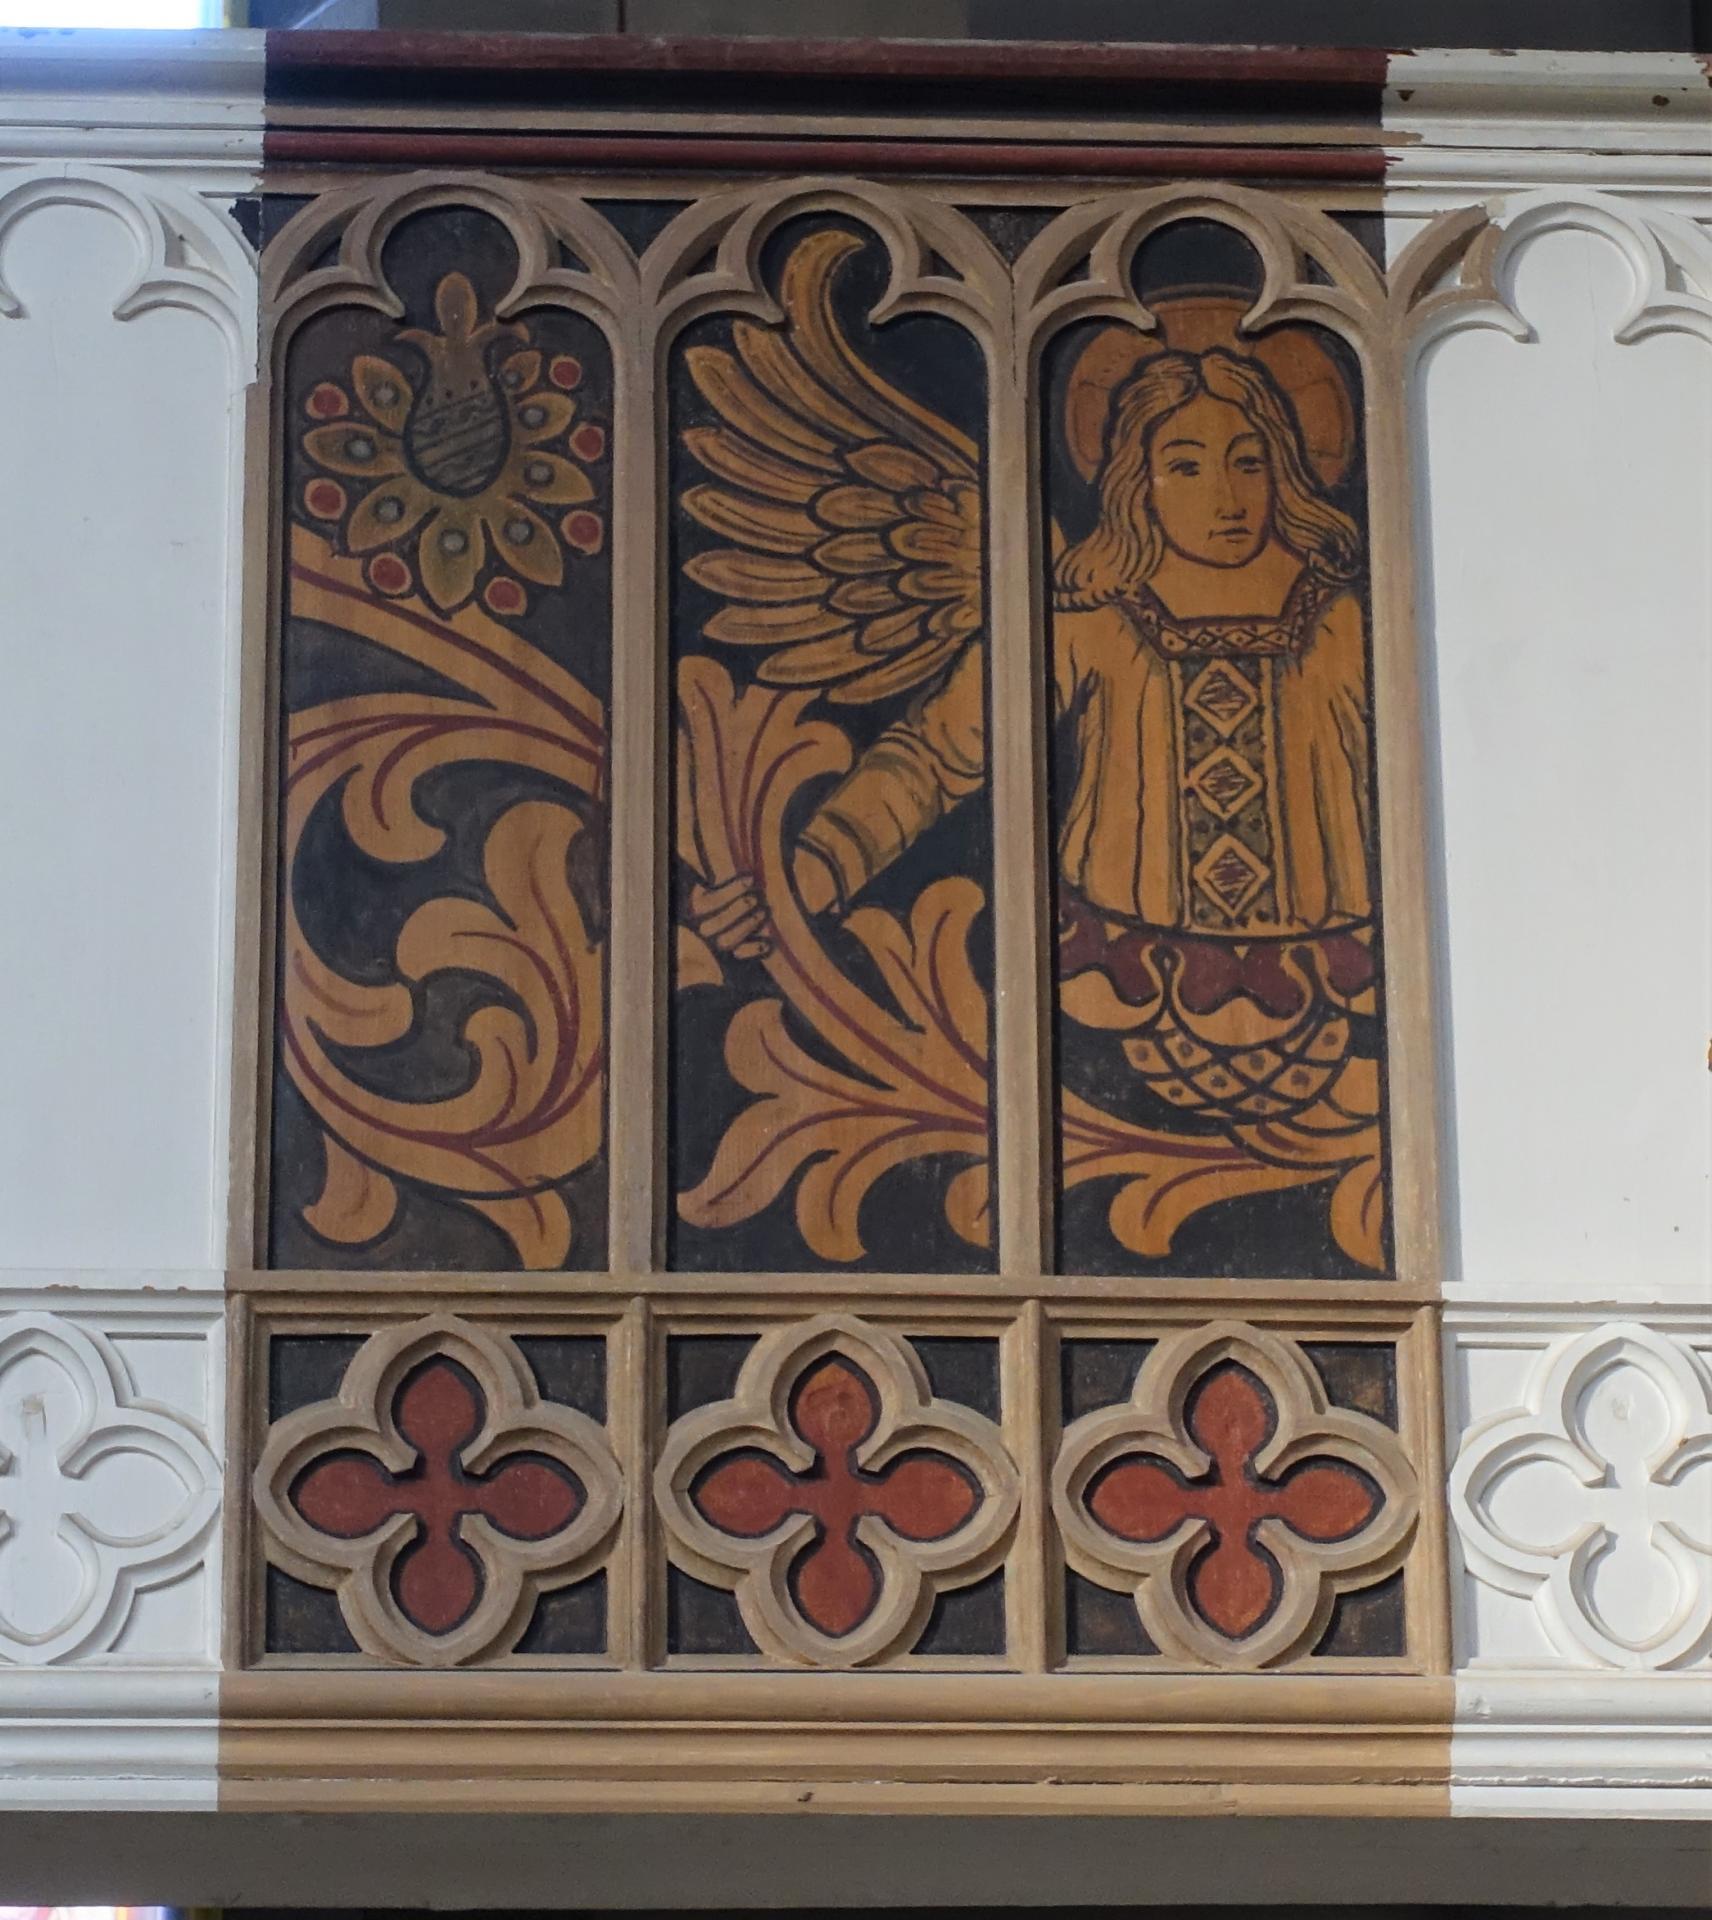 Bild 152 zeigt den von Anja Stadler frei gelegten Engel auf der Nordempore- er wird weiterhin auf die Gemeinde schauen.